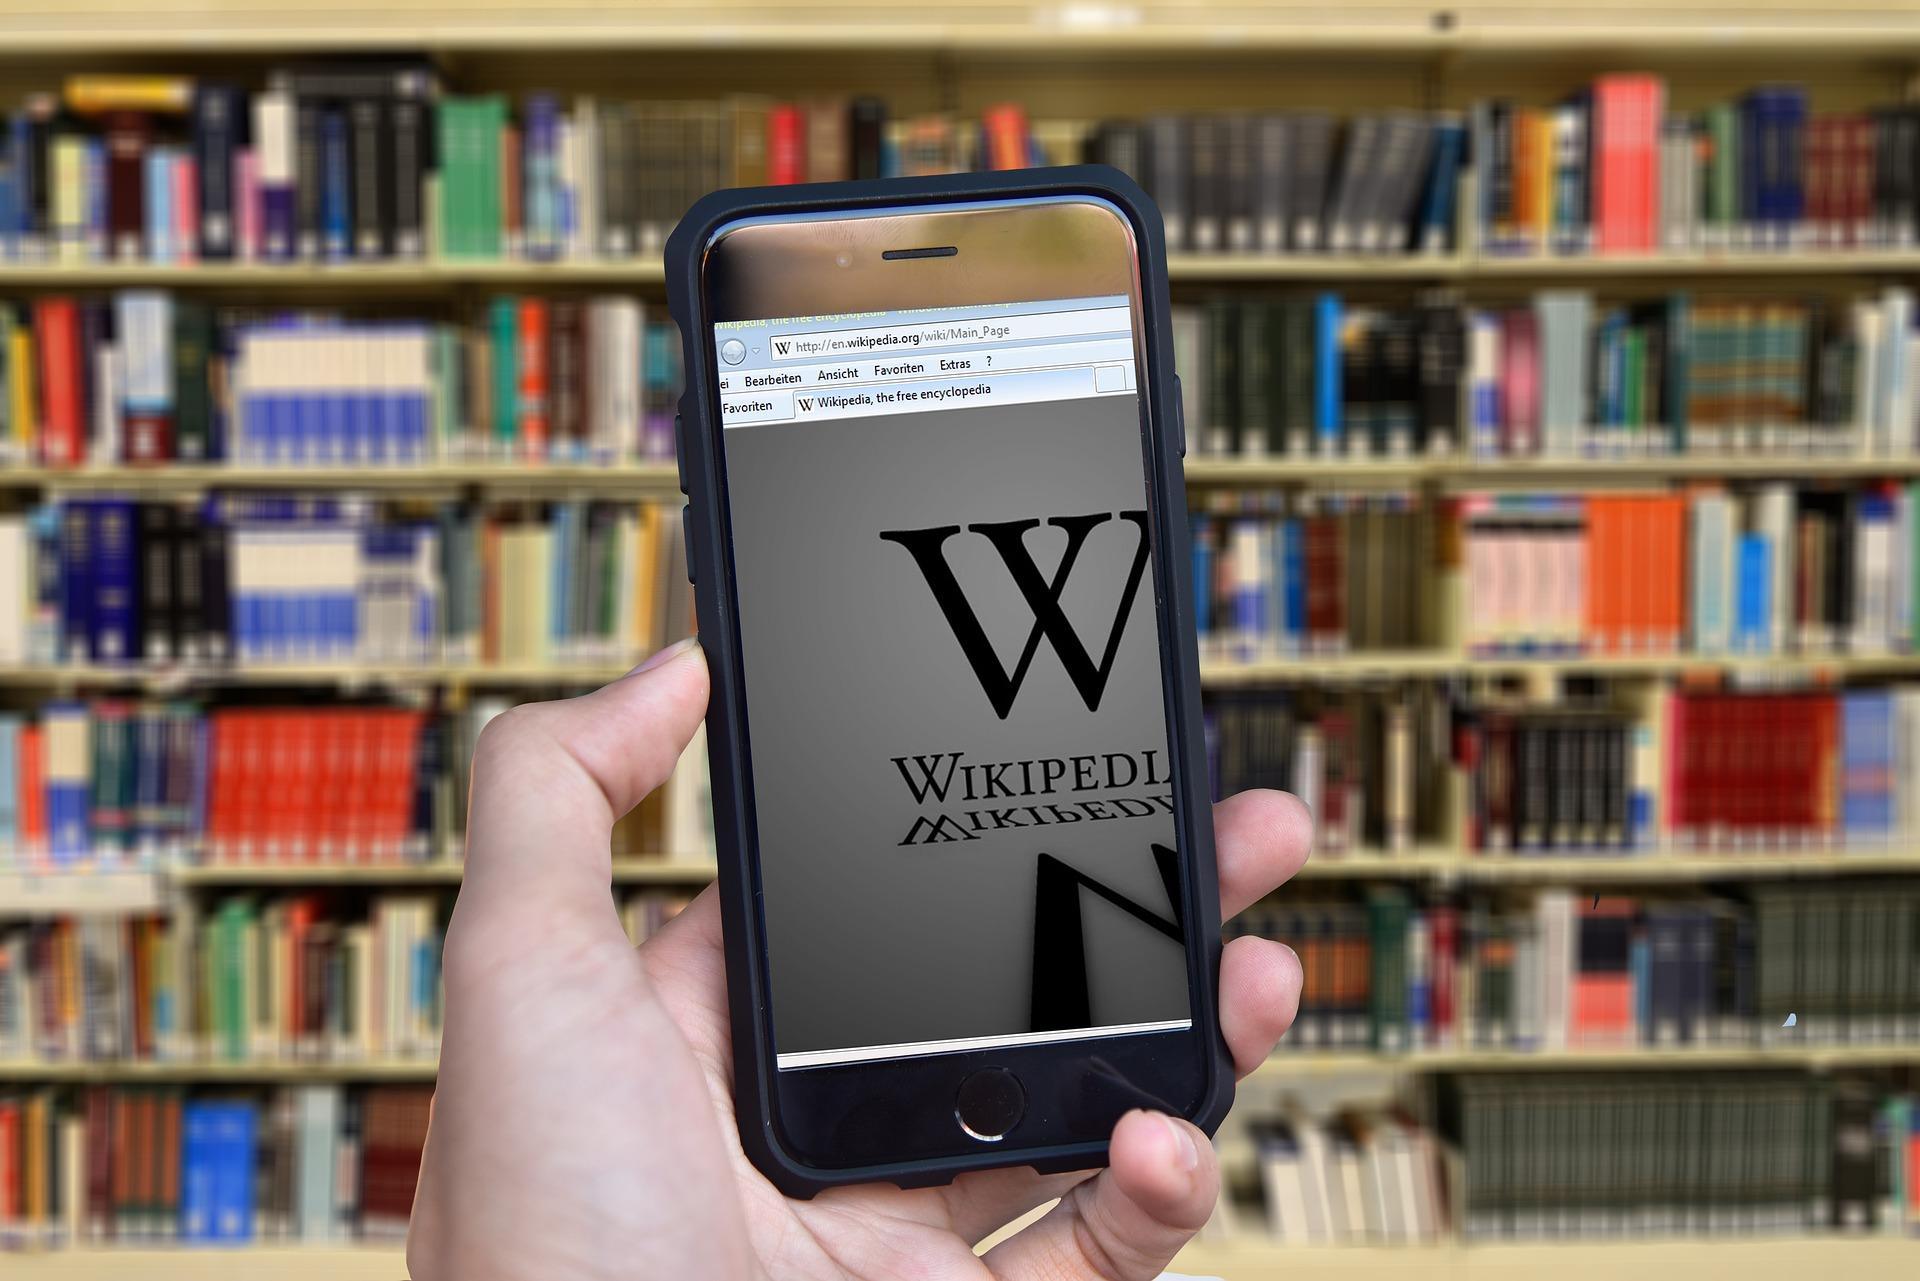 ¿Es Wikipedia una comunidad con severa brecha de género?